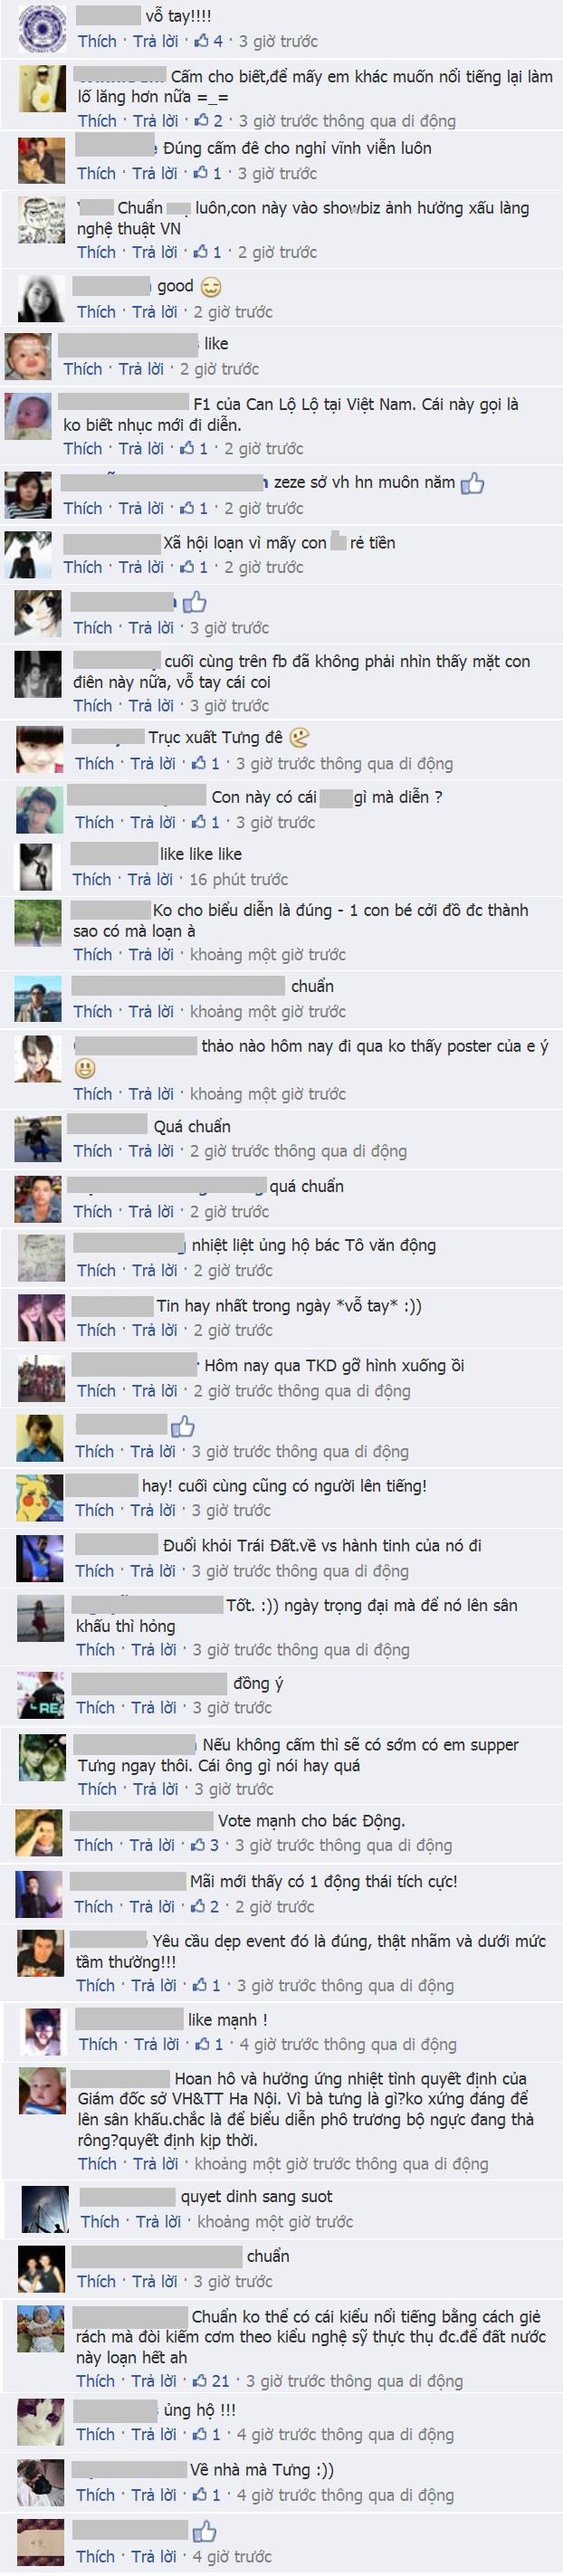 Dân mạng bình luận ủng hộ quyết định của Sở văn hóa Hà Nội.